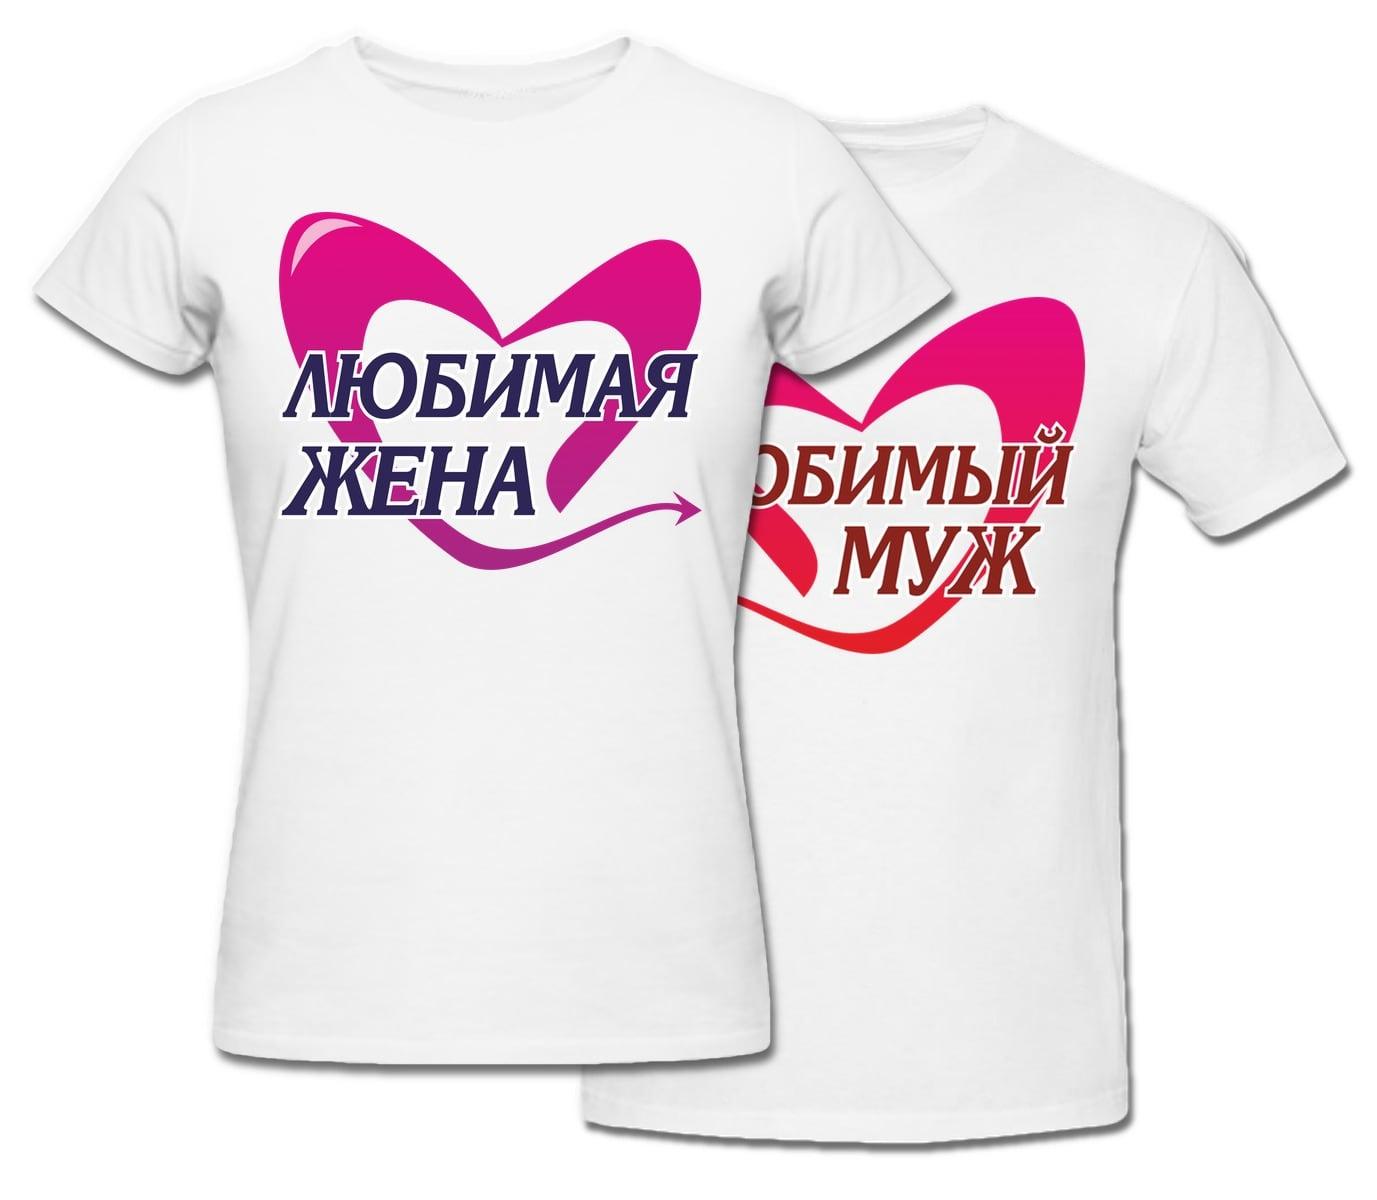 Комплект футболок любимый муж и